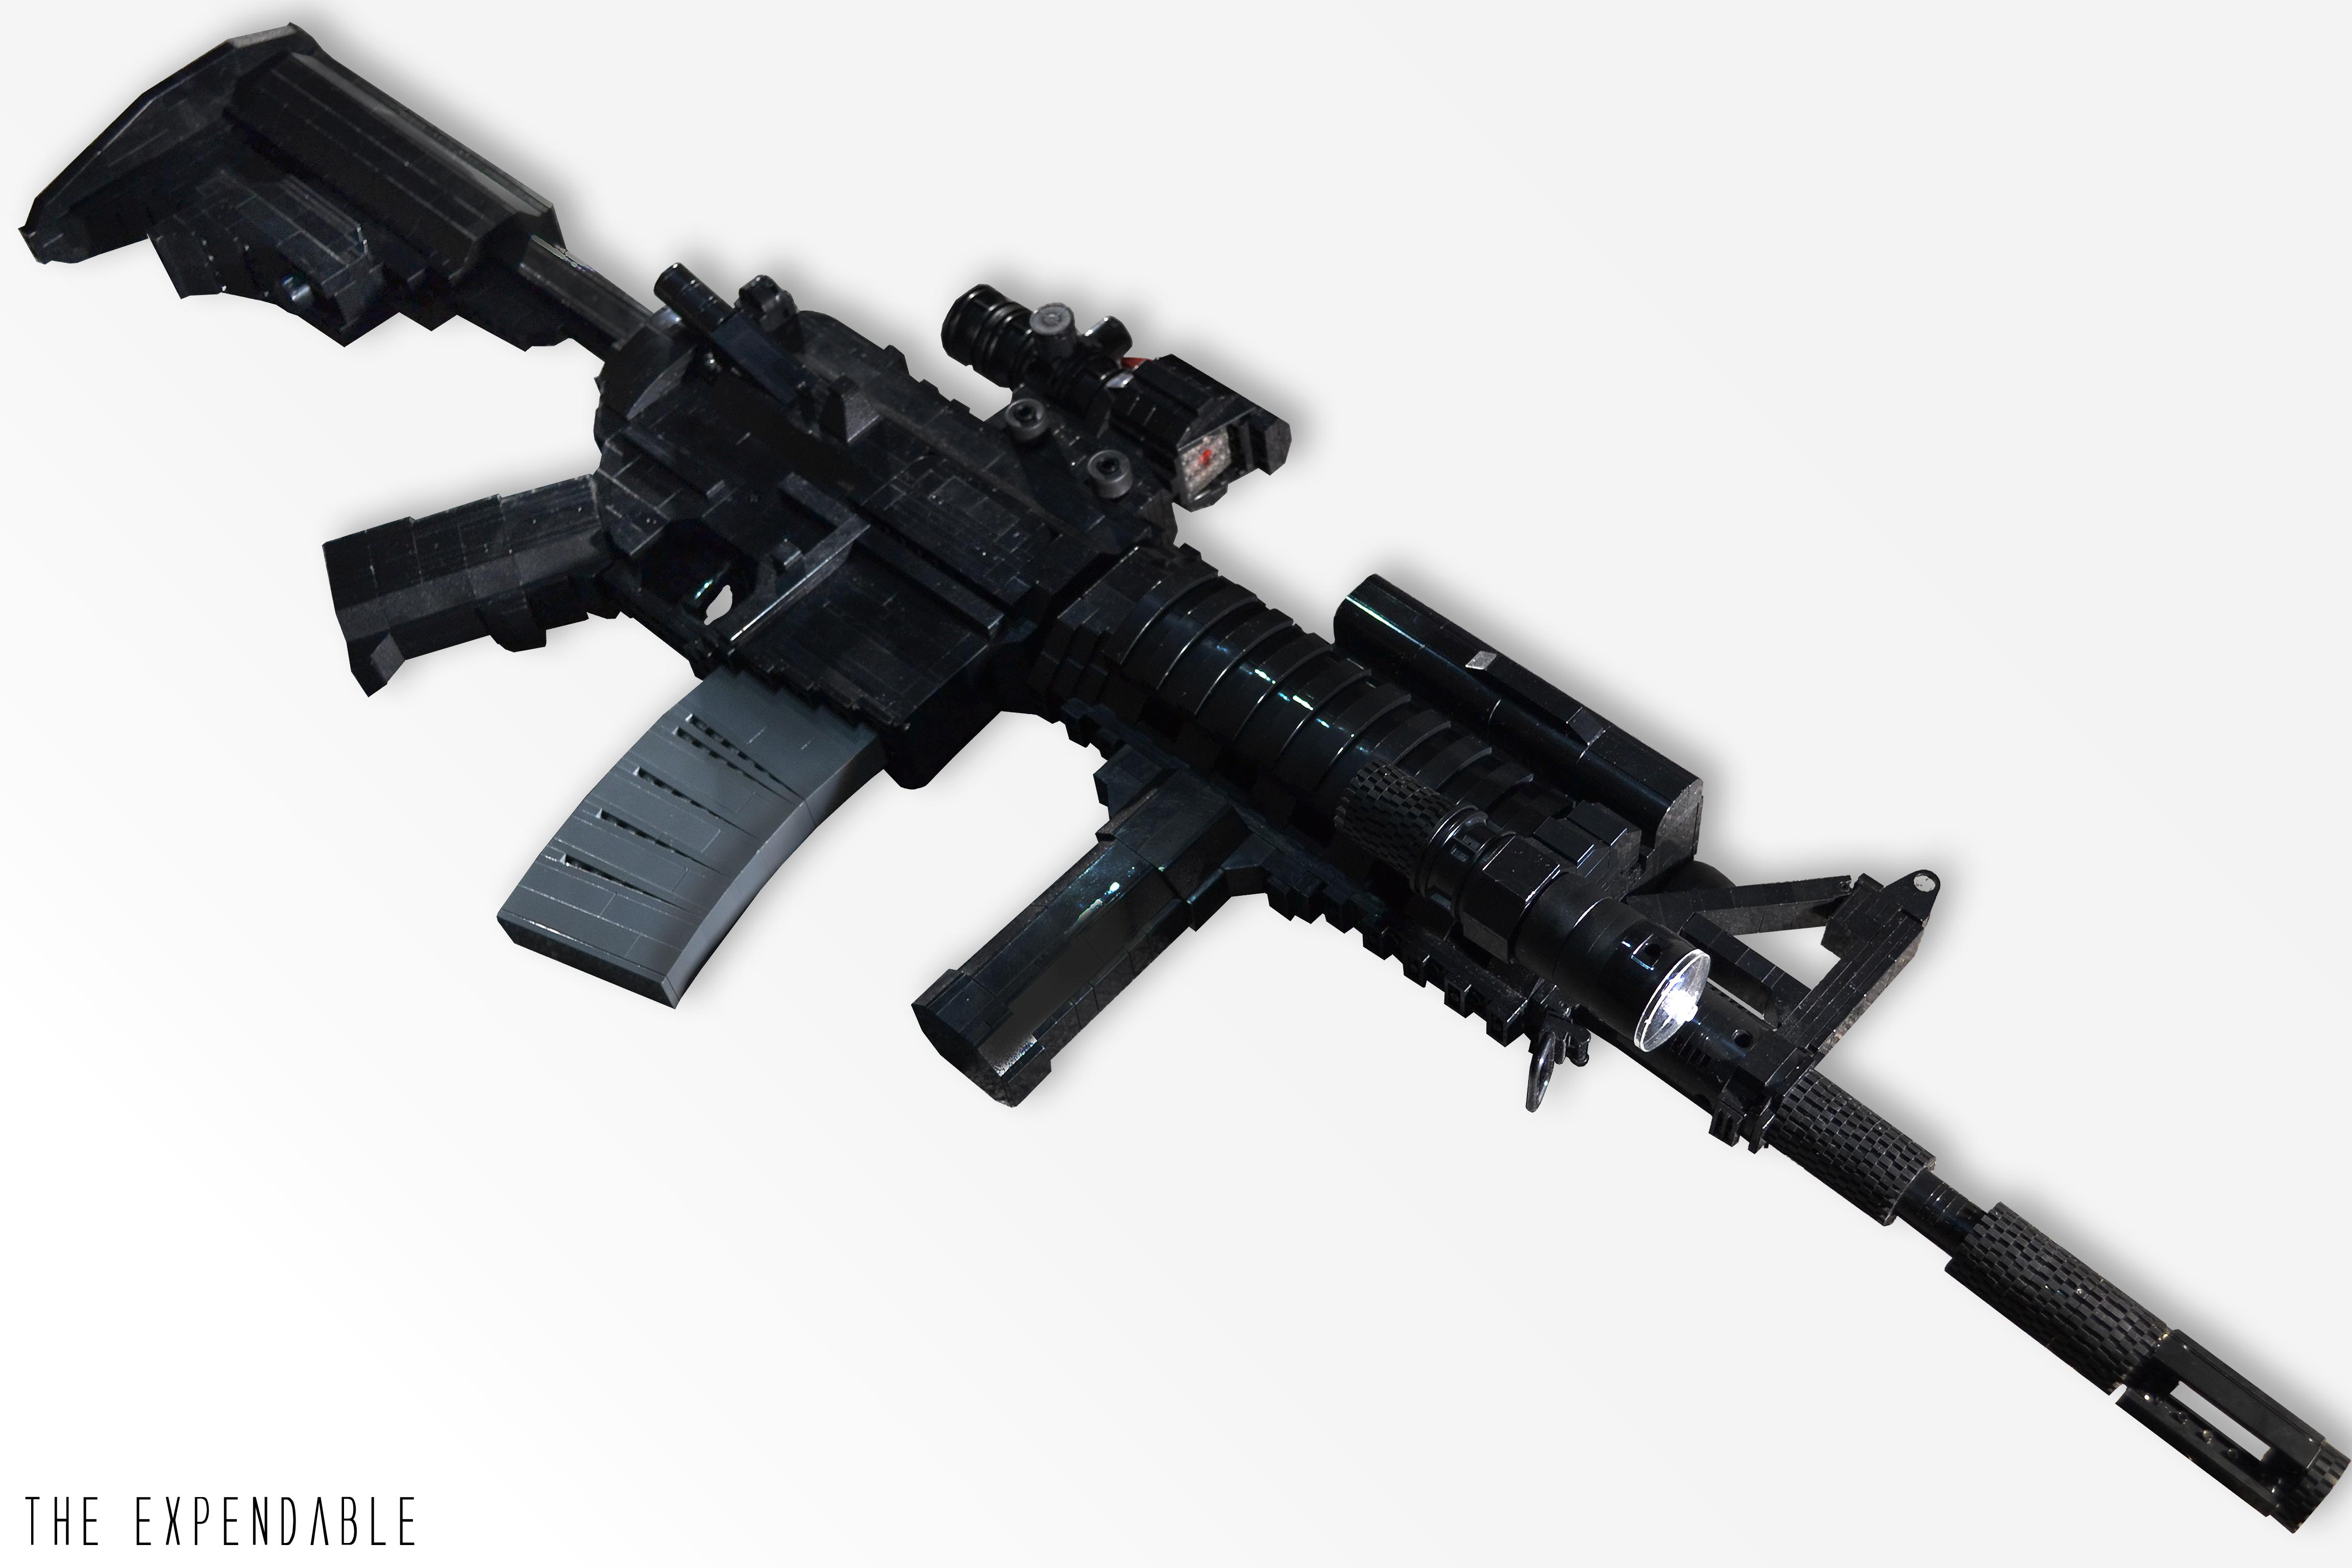 Wallpaper : gun, LEGO, rifle, weapon, lifesize, Colt, M4